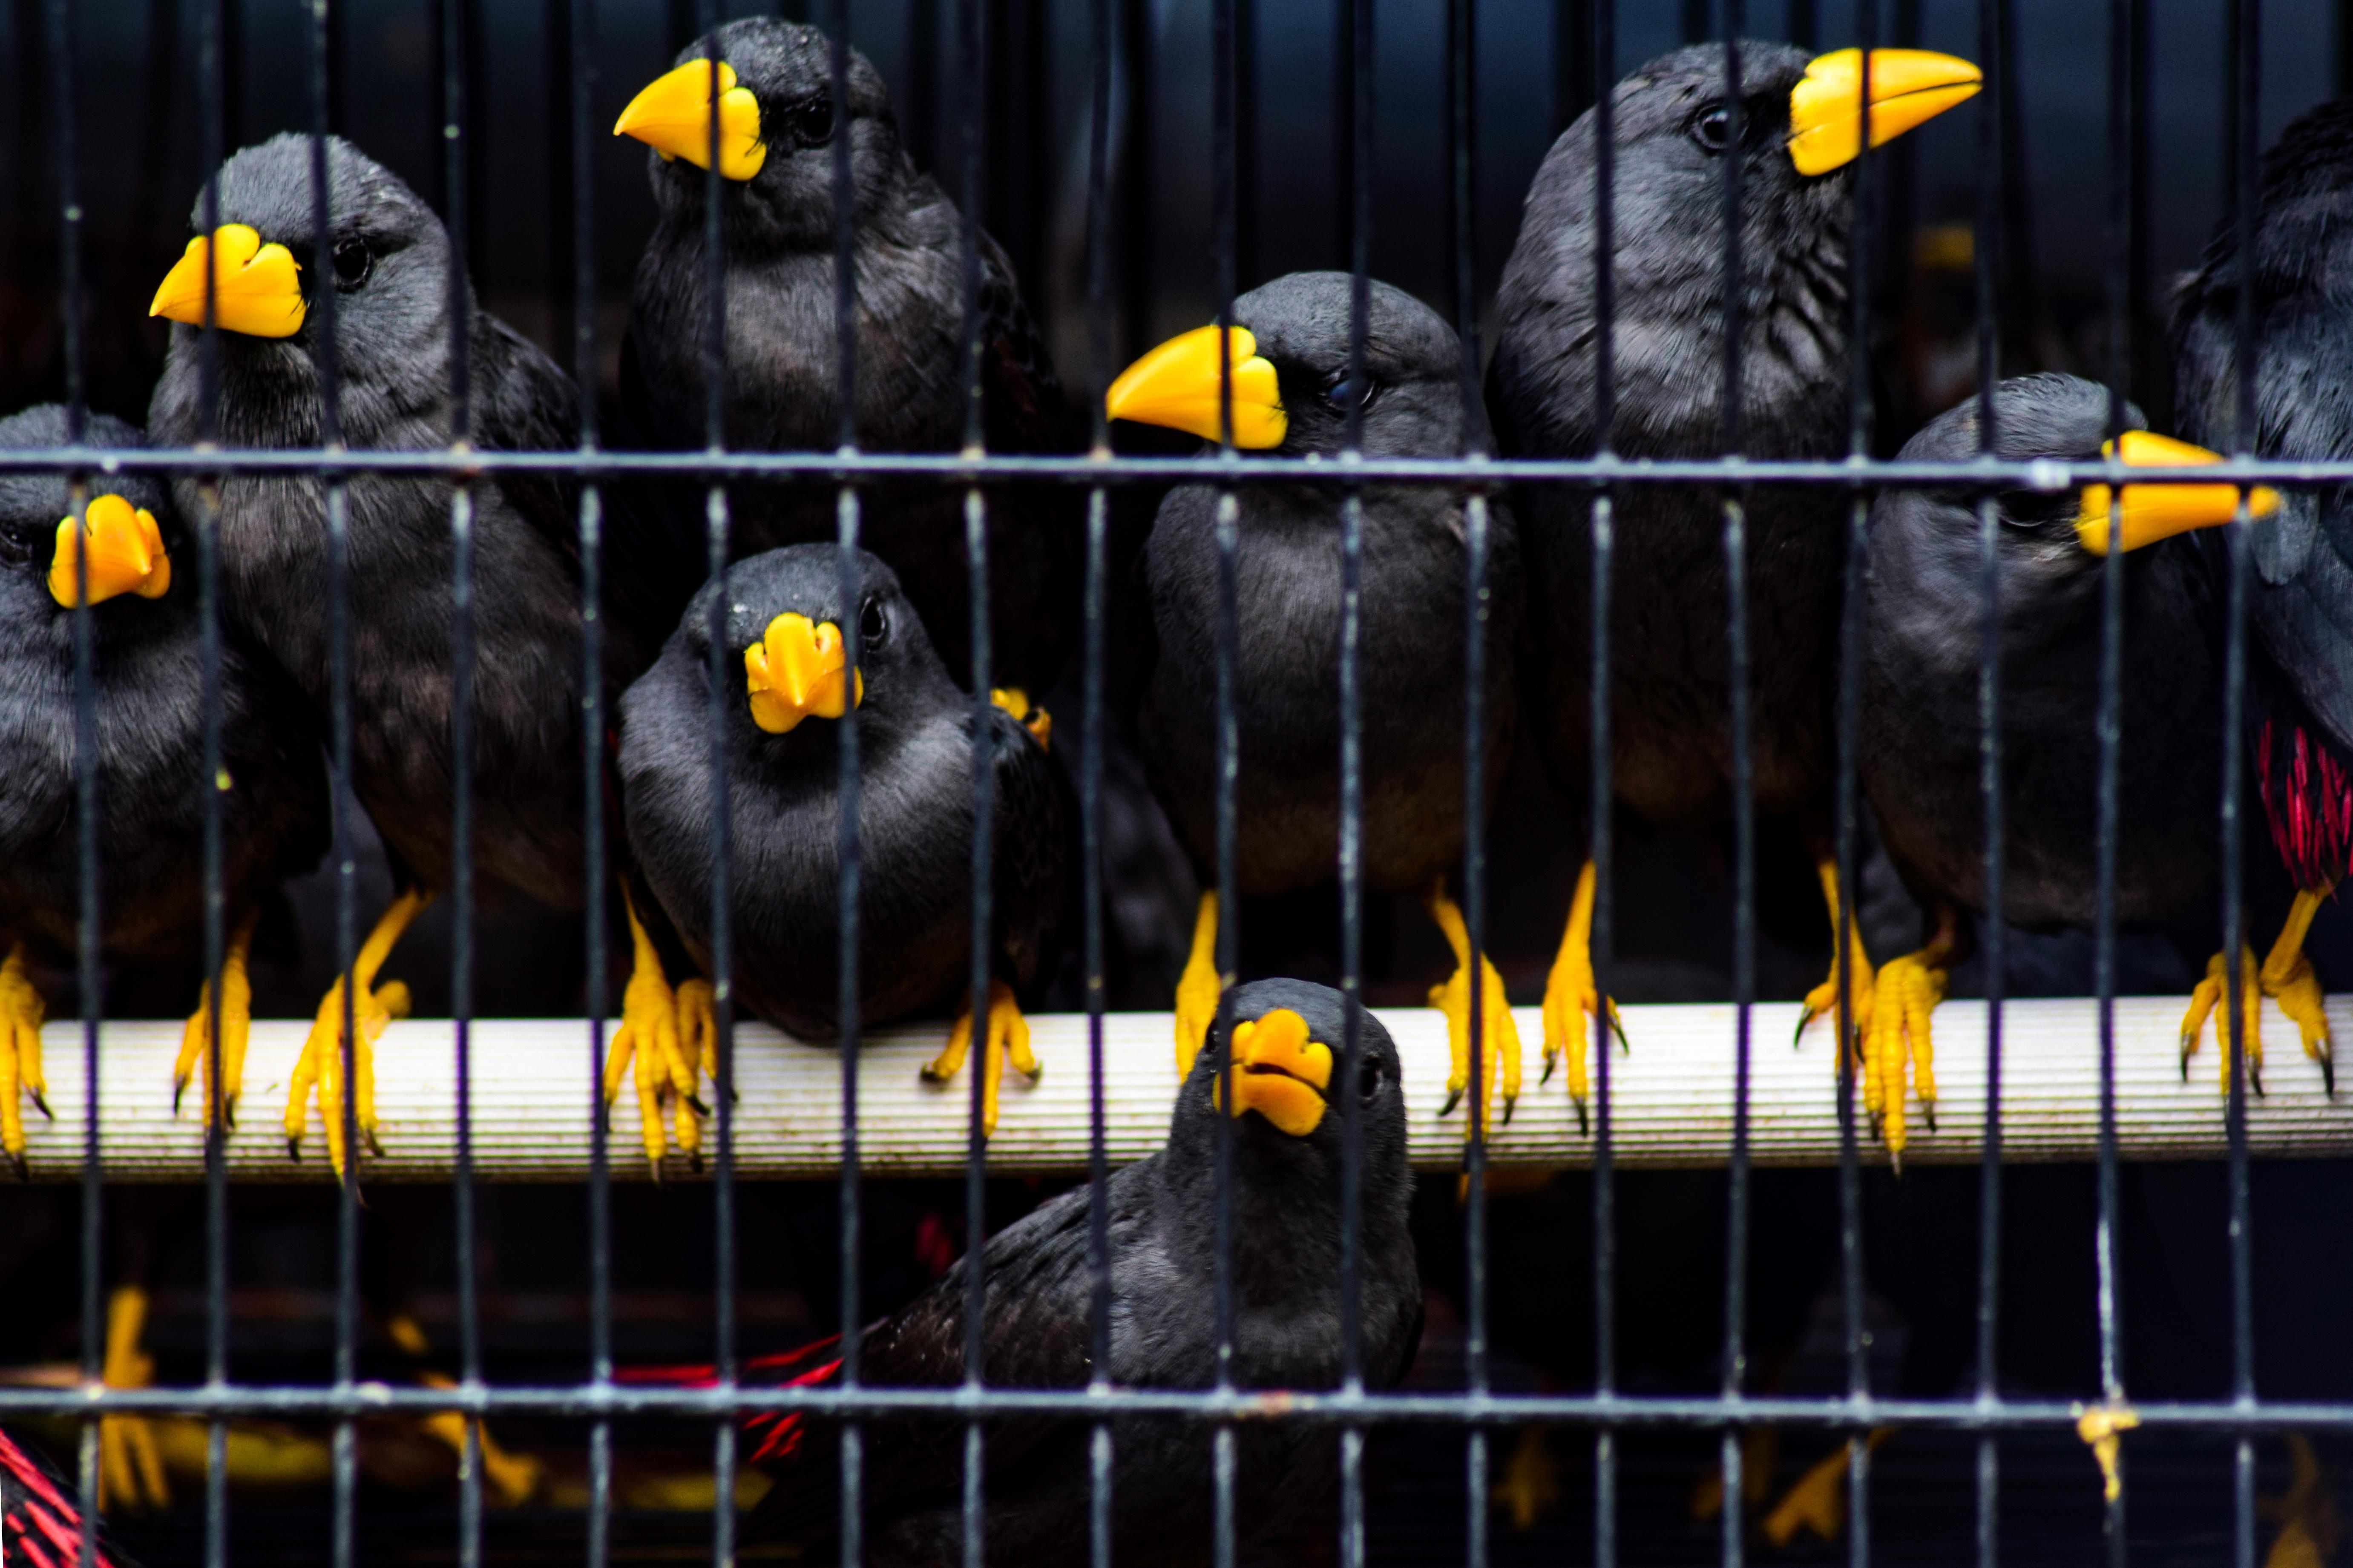 当地时间2021年3月2日,印度尼西亚诗都阿佐,当地破获一起珍稀动物走私案,海关工作人员们在新闻发布会上展示了数百只从望加锡走私来的鸟类和乌龟,警方逮捕了5名嫌疑犯,解救了数百只鸟和龟。